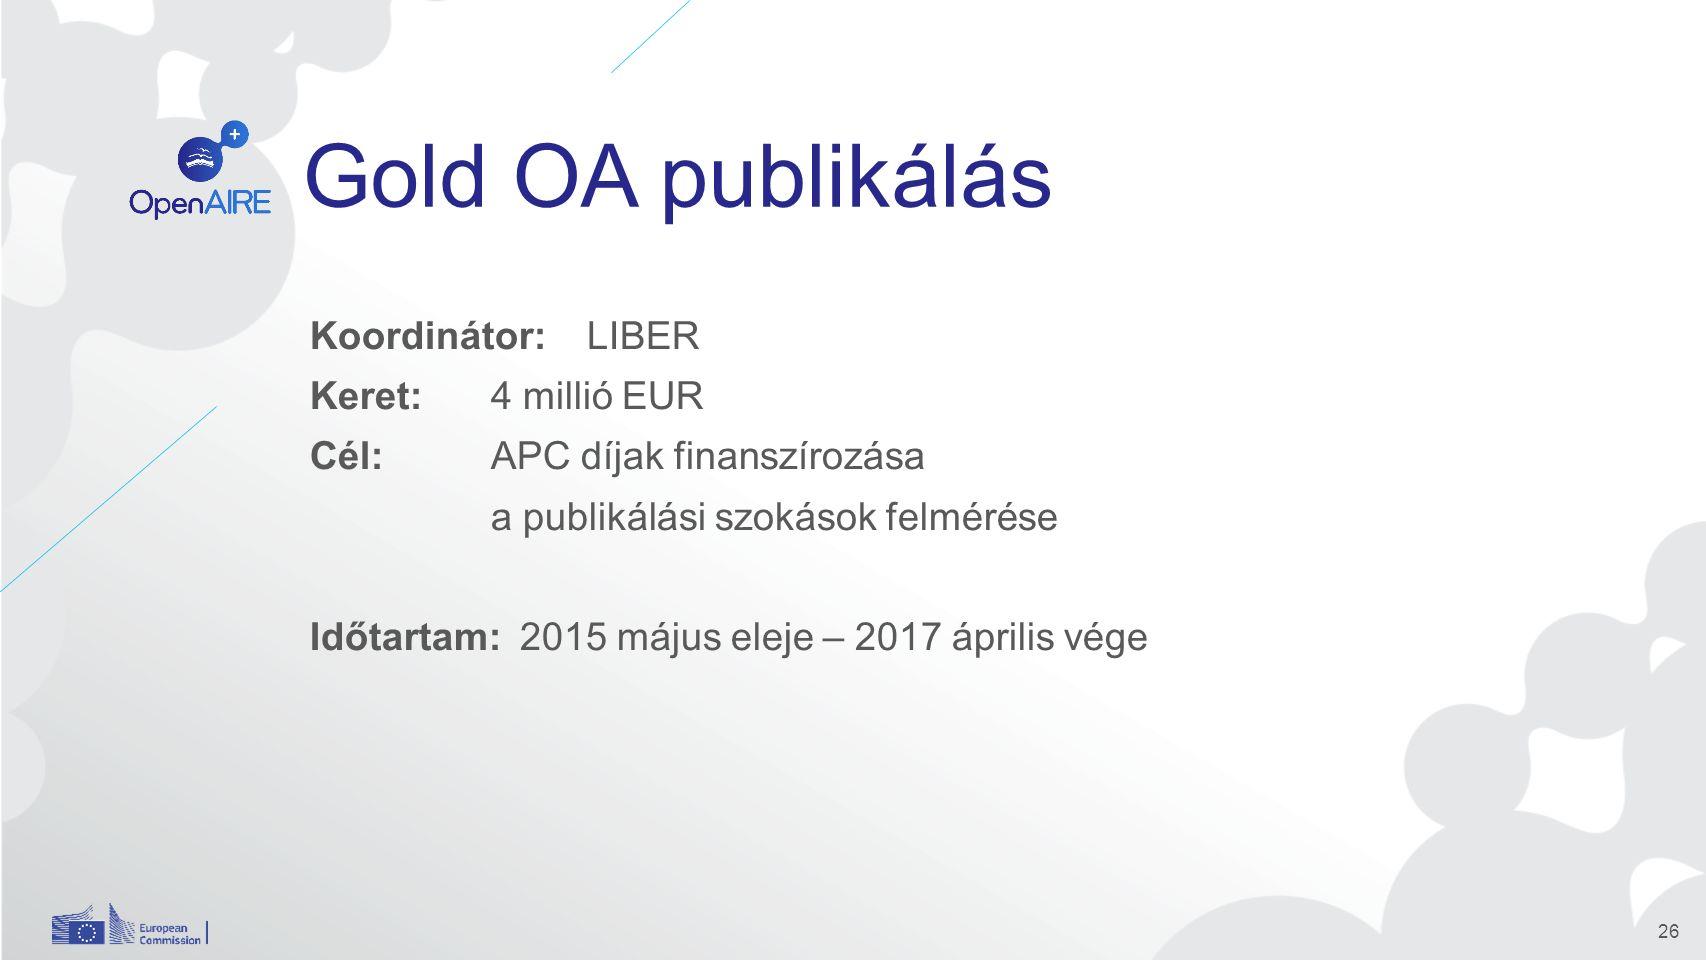 Gold OA publikálás Koordinátor: LIBER Keret: 4 millió EUR Cél:APC díjak finanszírozása a publikálási szokások felmérése Időtartam: 2015 május eleje – 2017 április vége 26